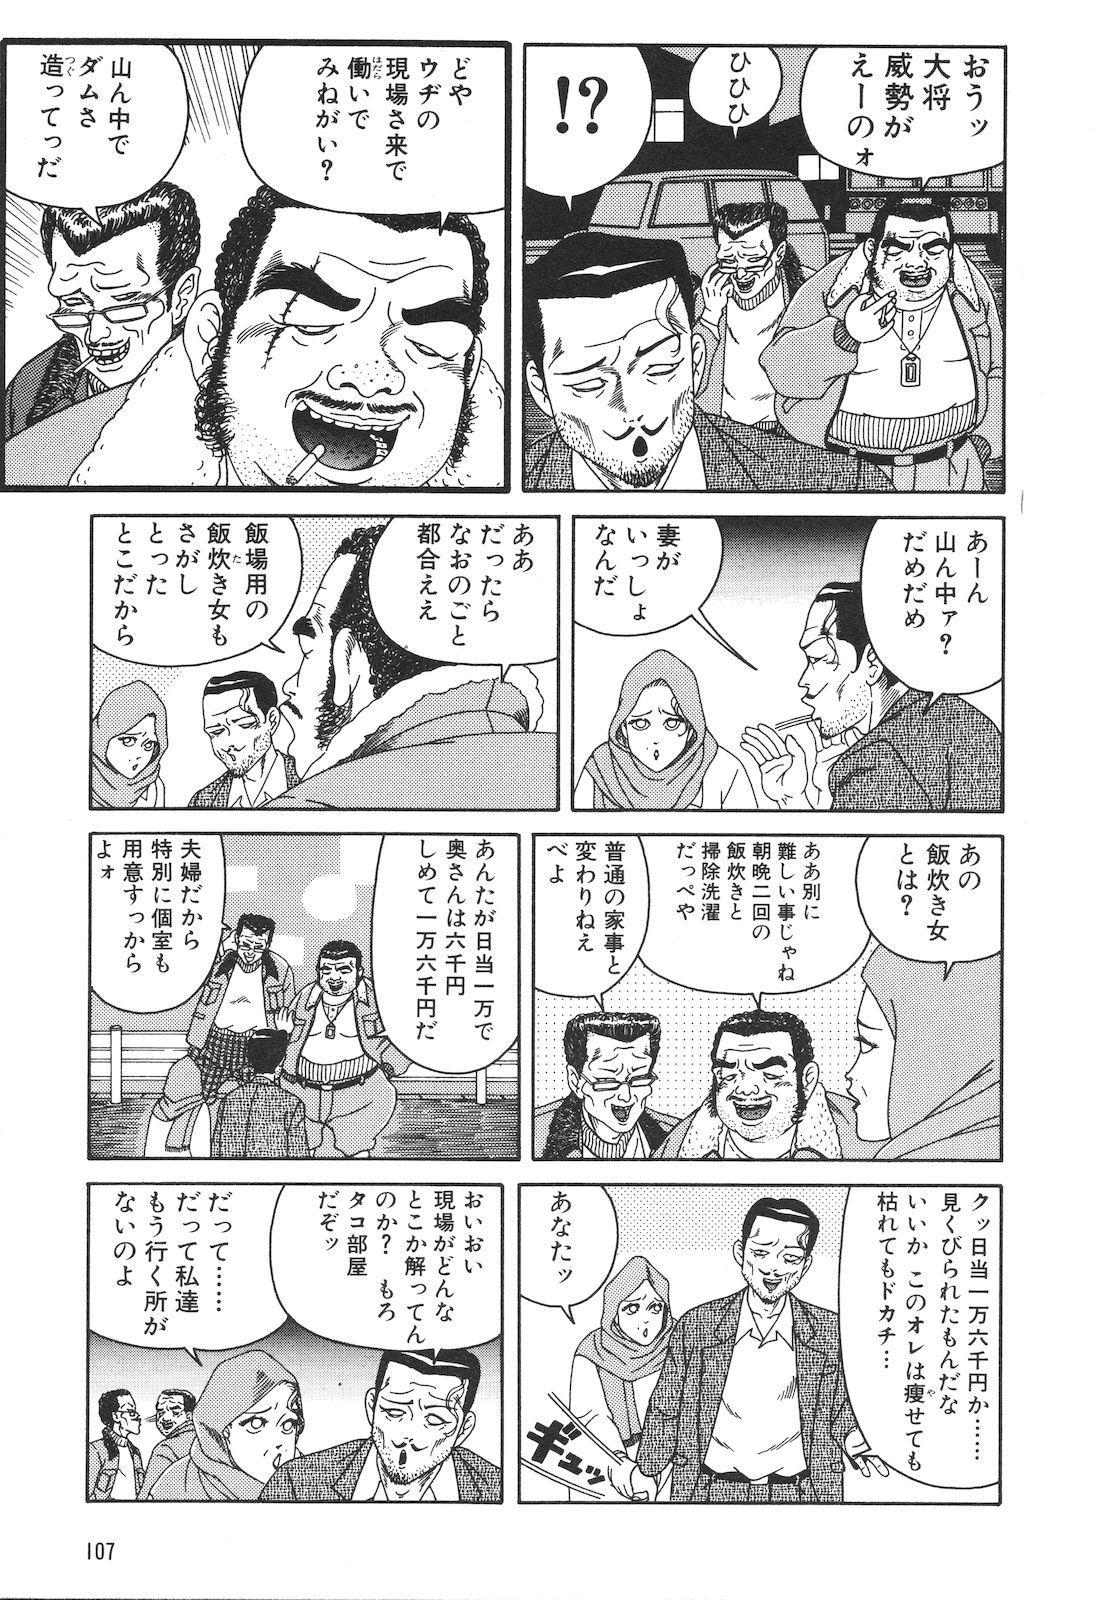 Dobusarai Gekijou 108